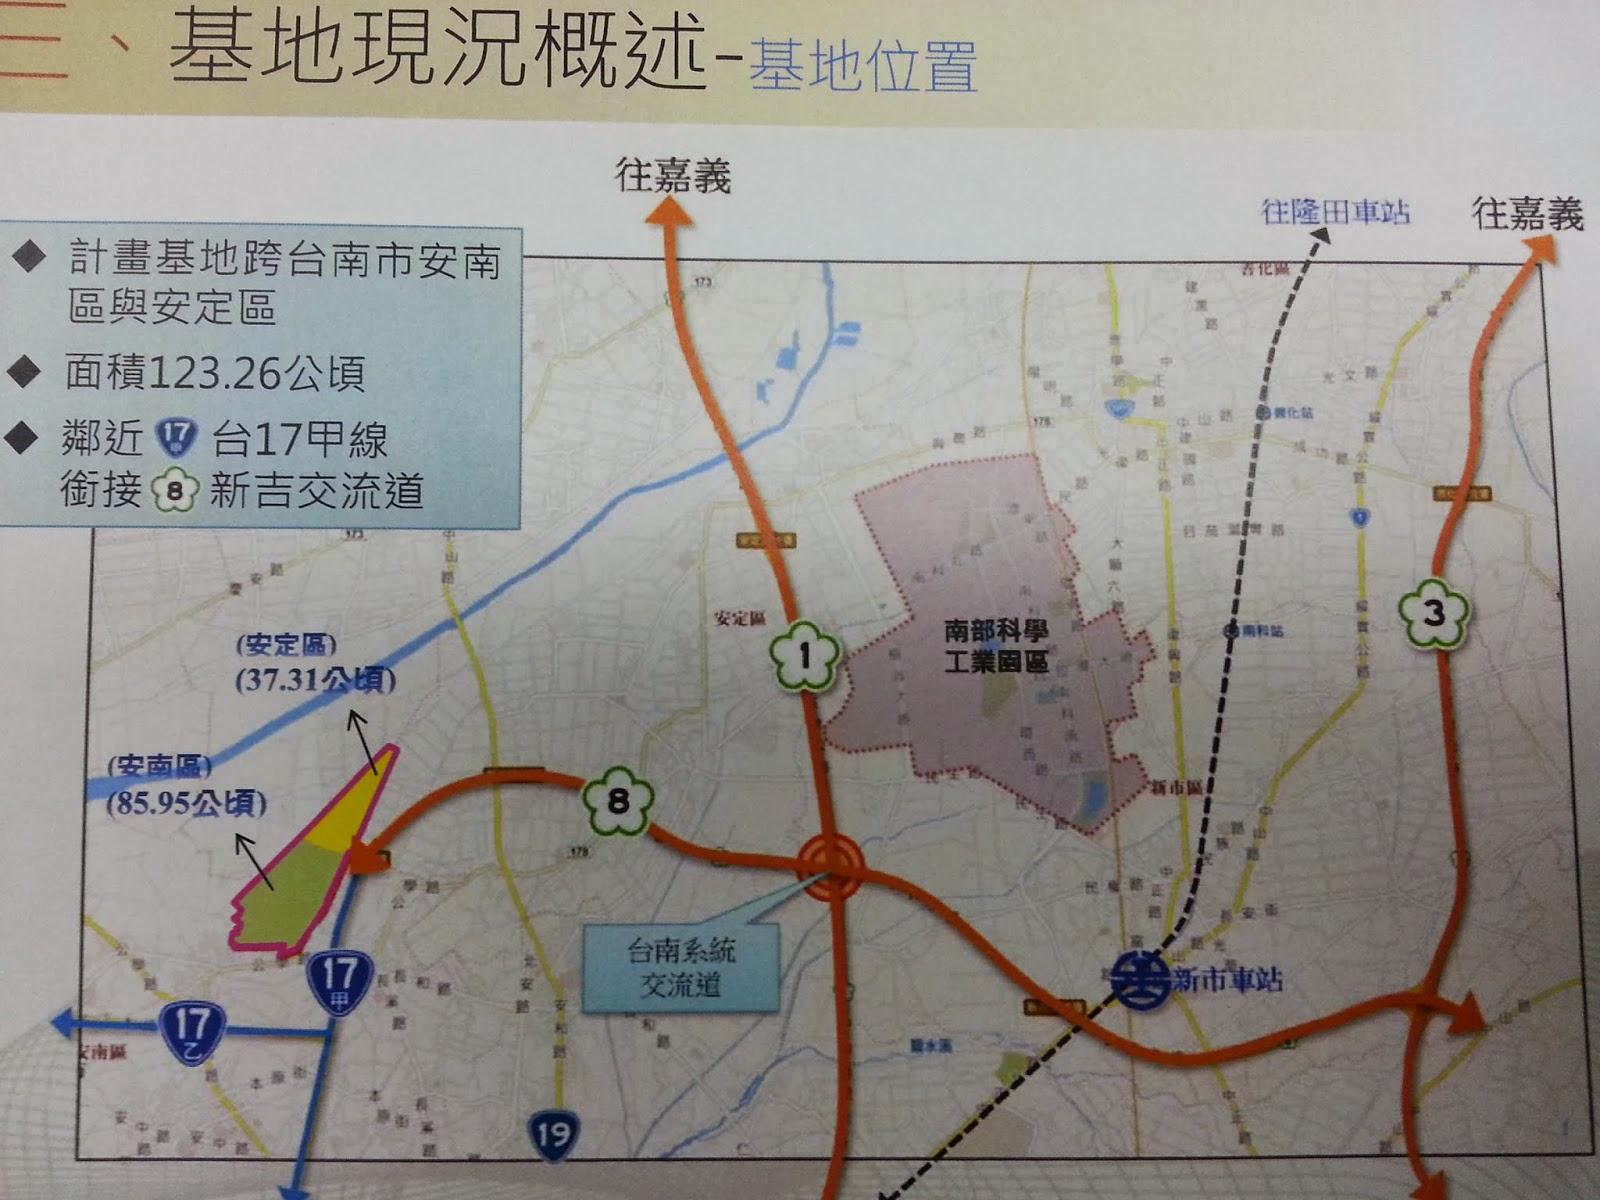 左邊長條形黃錄區為新吉工業區所在地